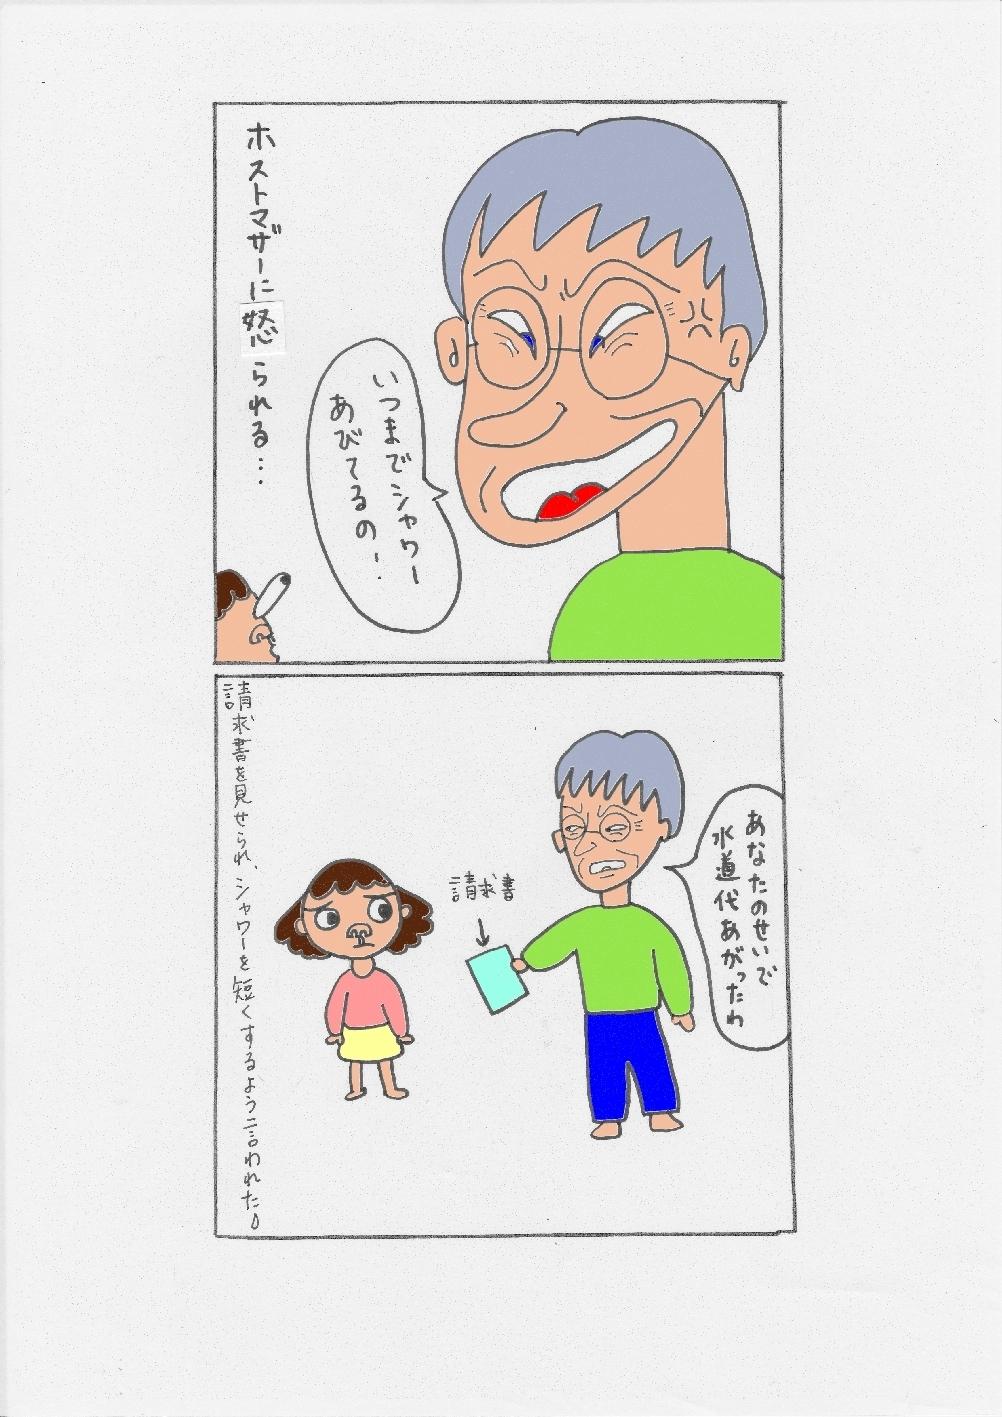 シャワー2.jpg